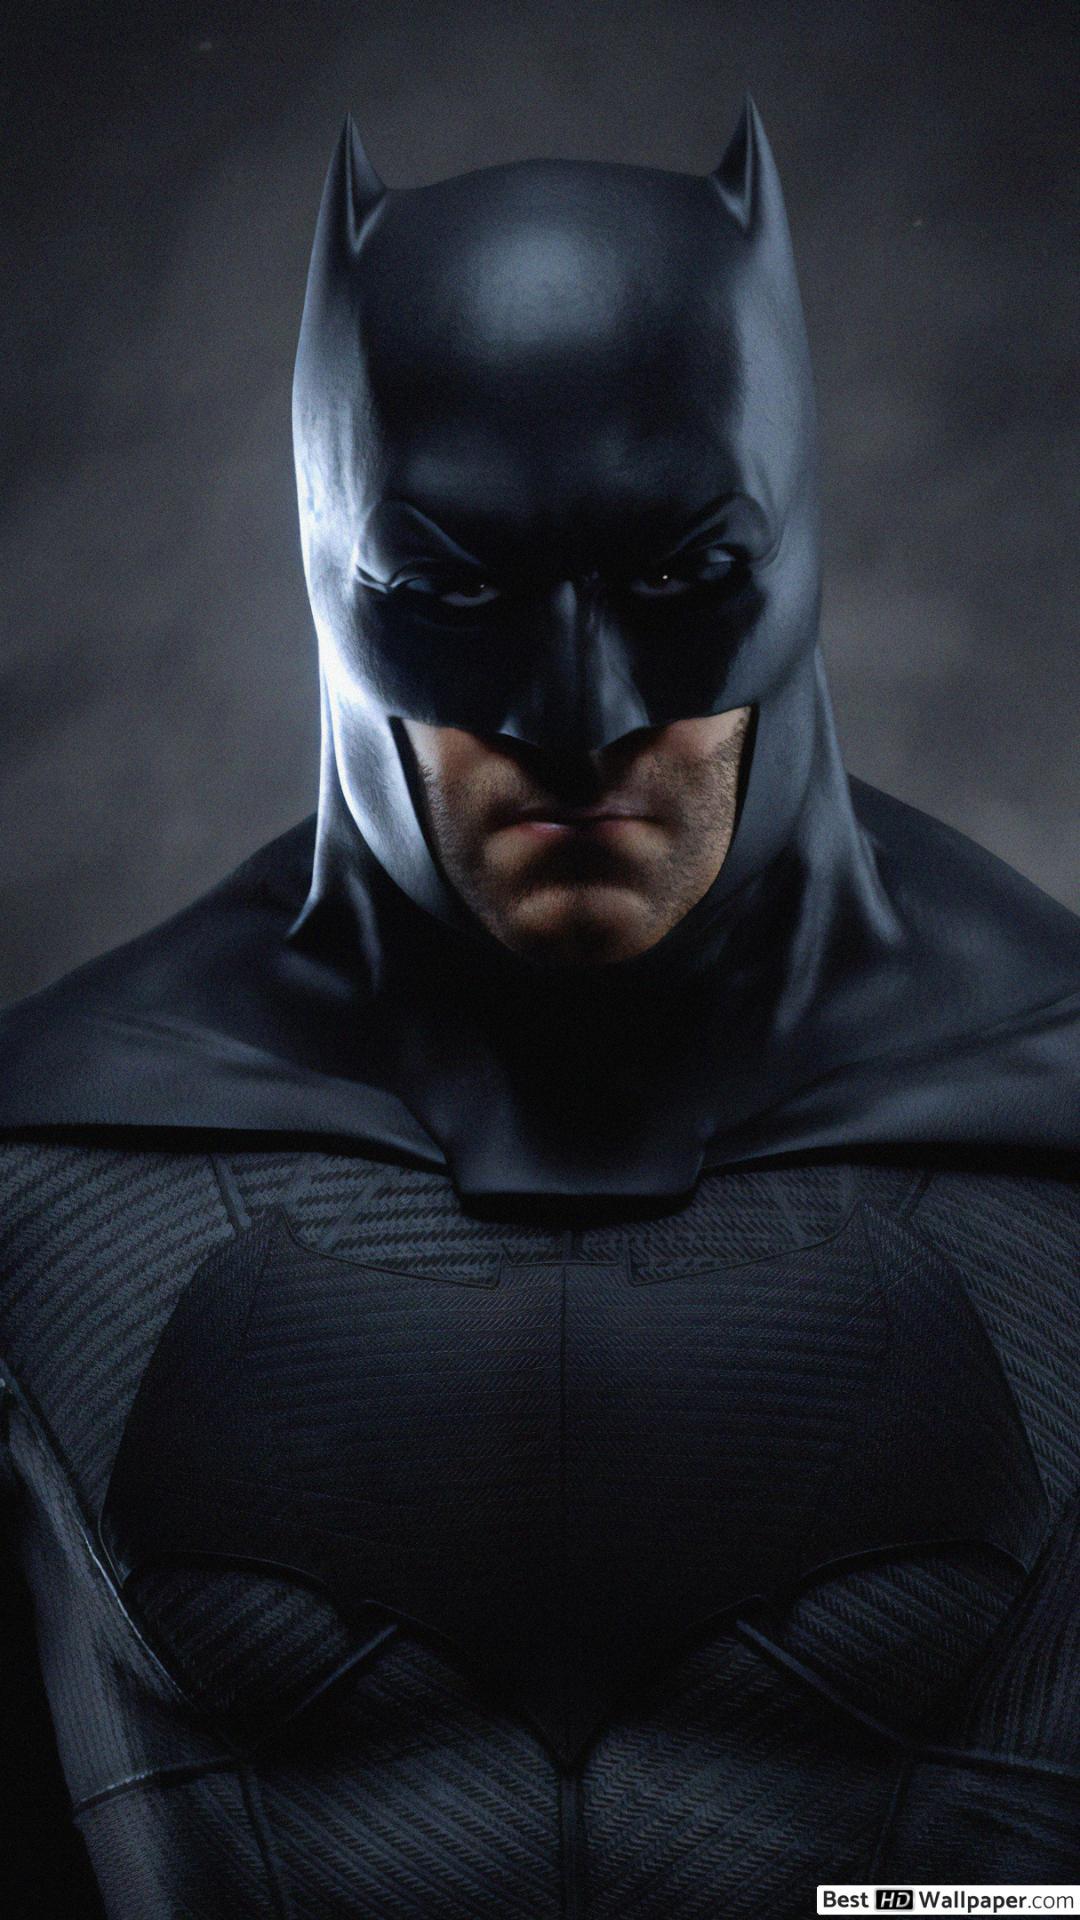 Batman 4k Wallpaper 16 9 - 1080x1920 ...